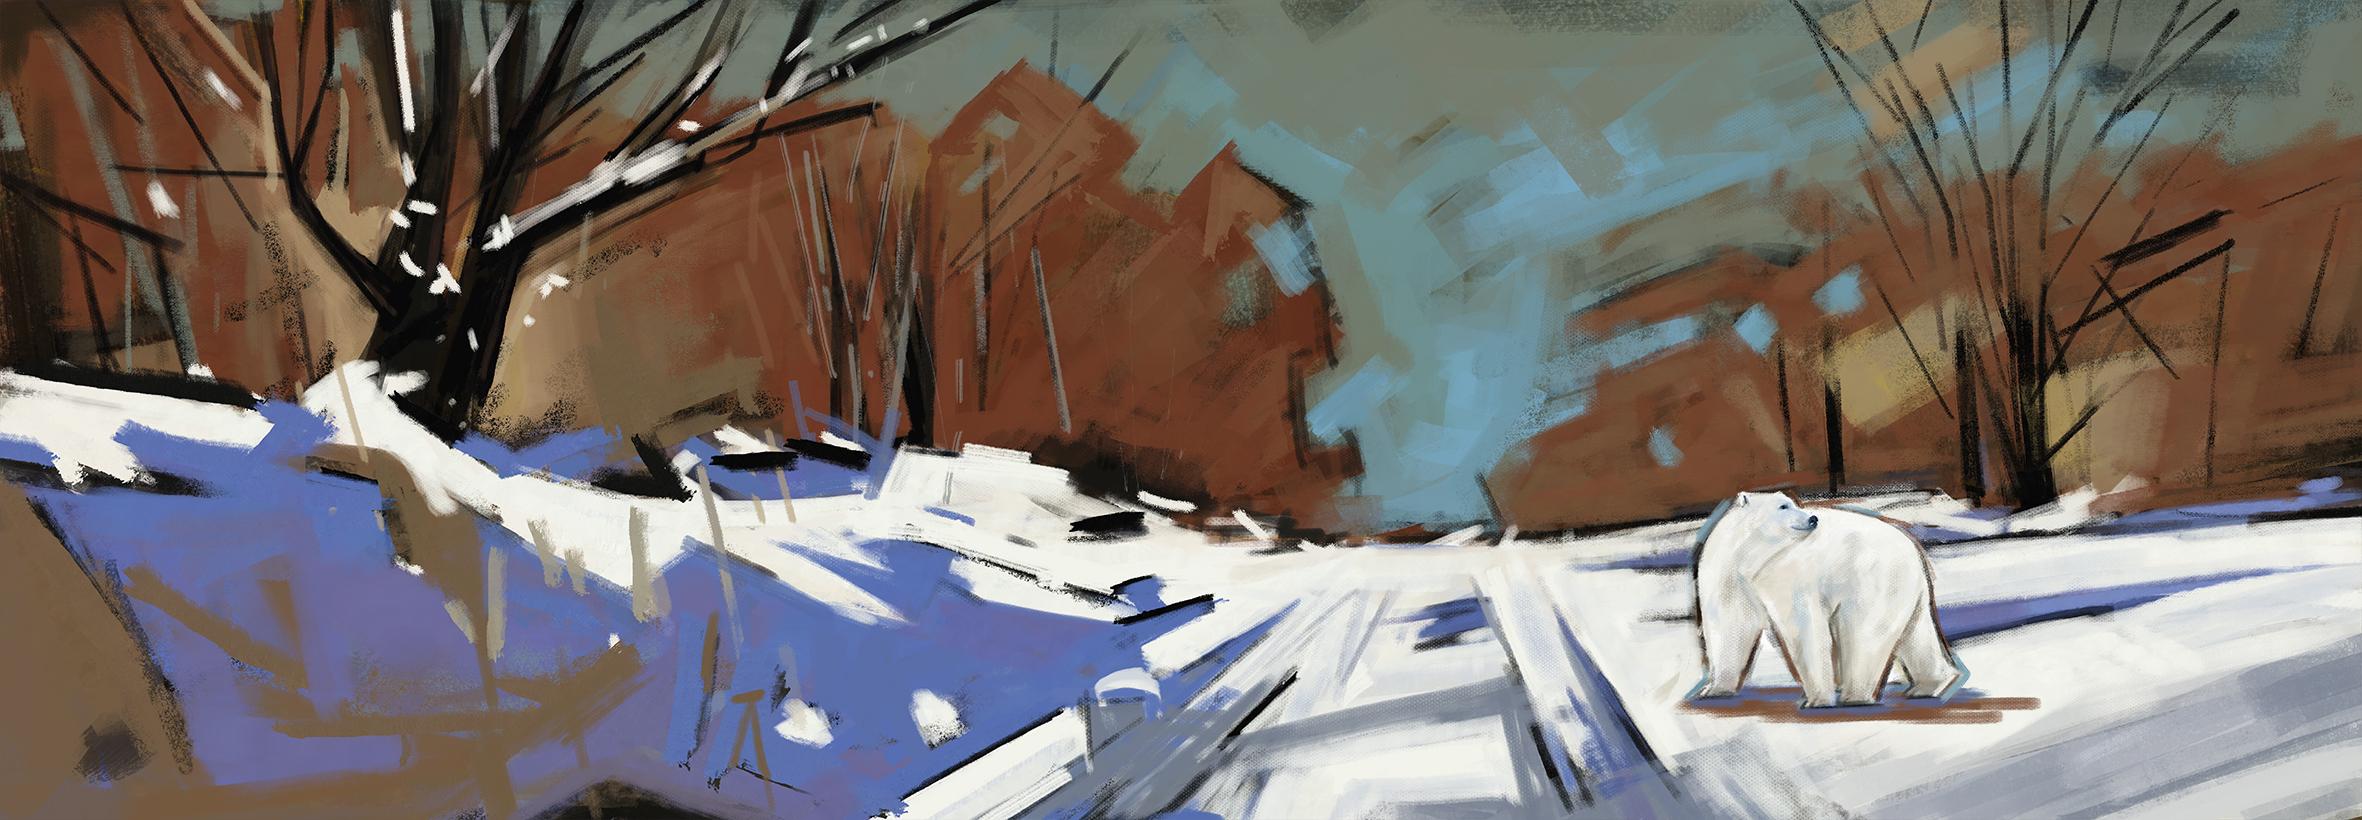 peinture panoramique24